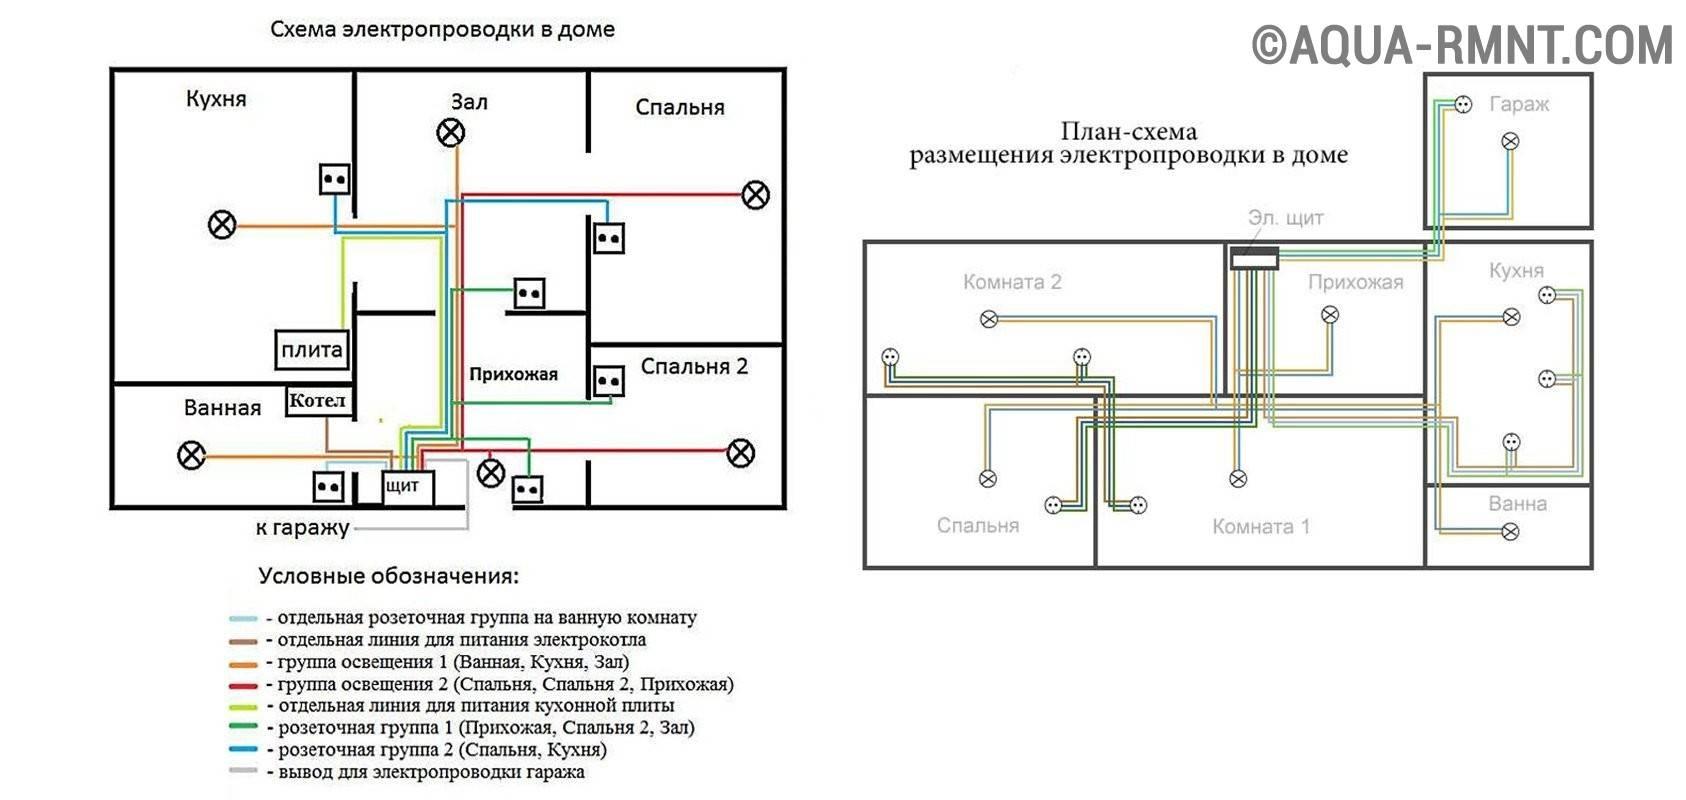 Электропроводка в доме своими руками: пошаговая схема, разводка